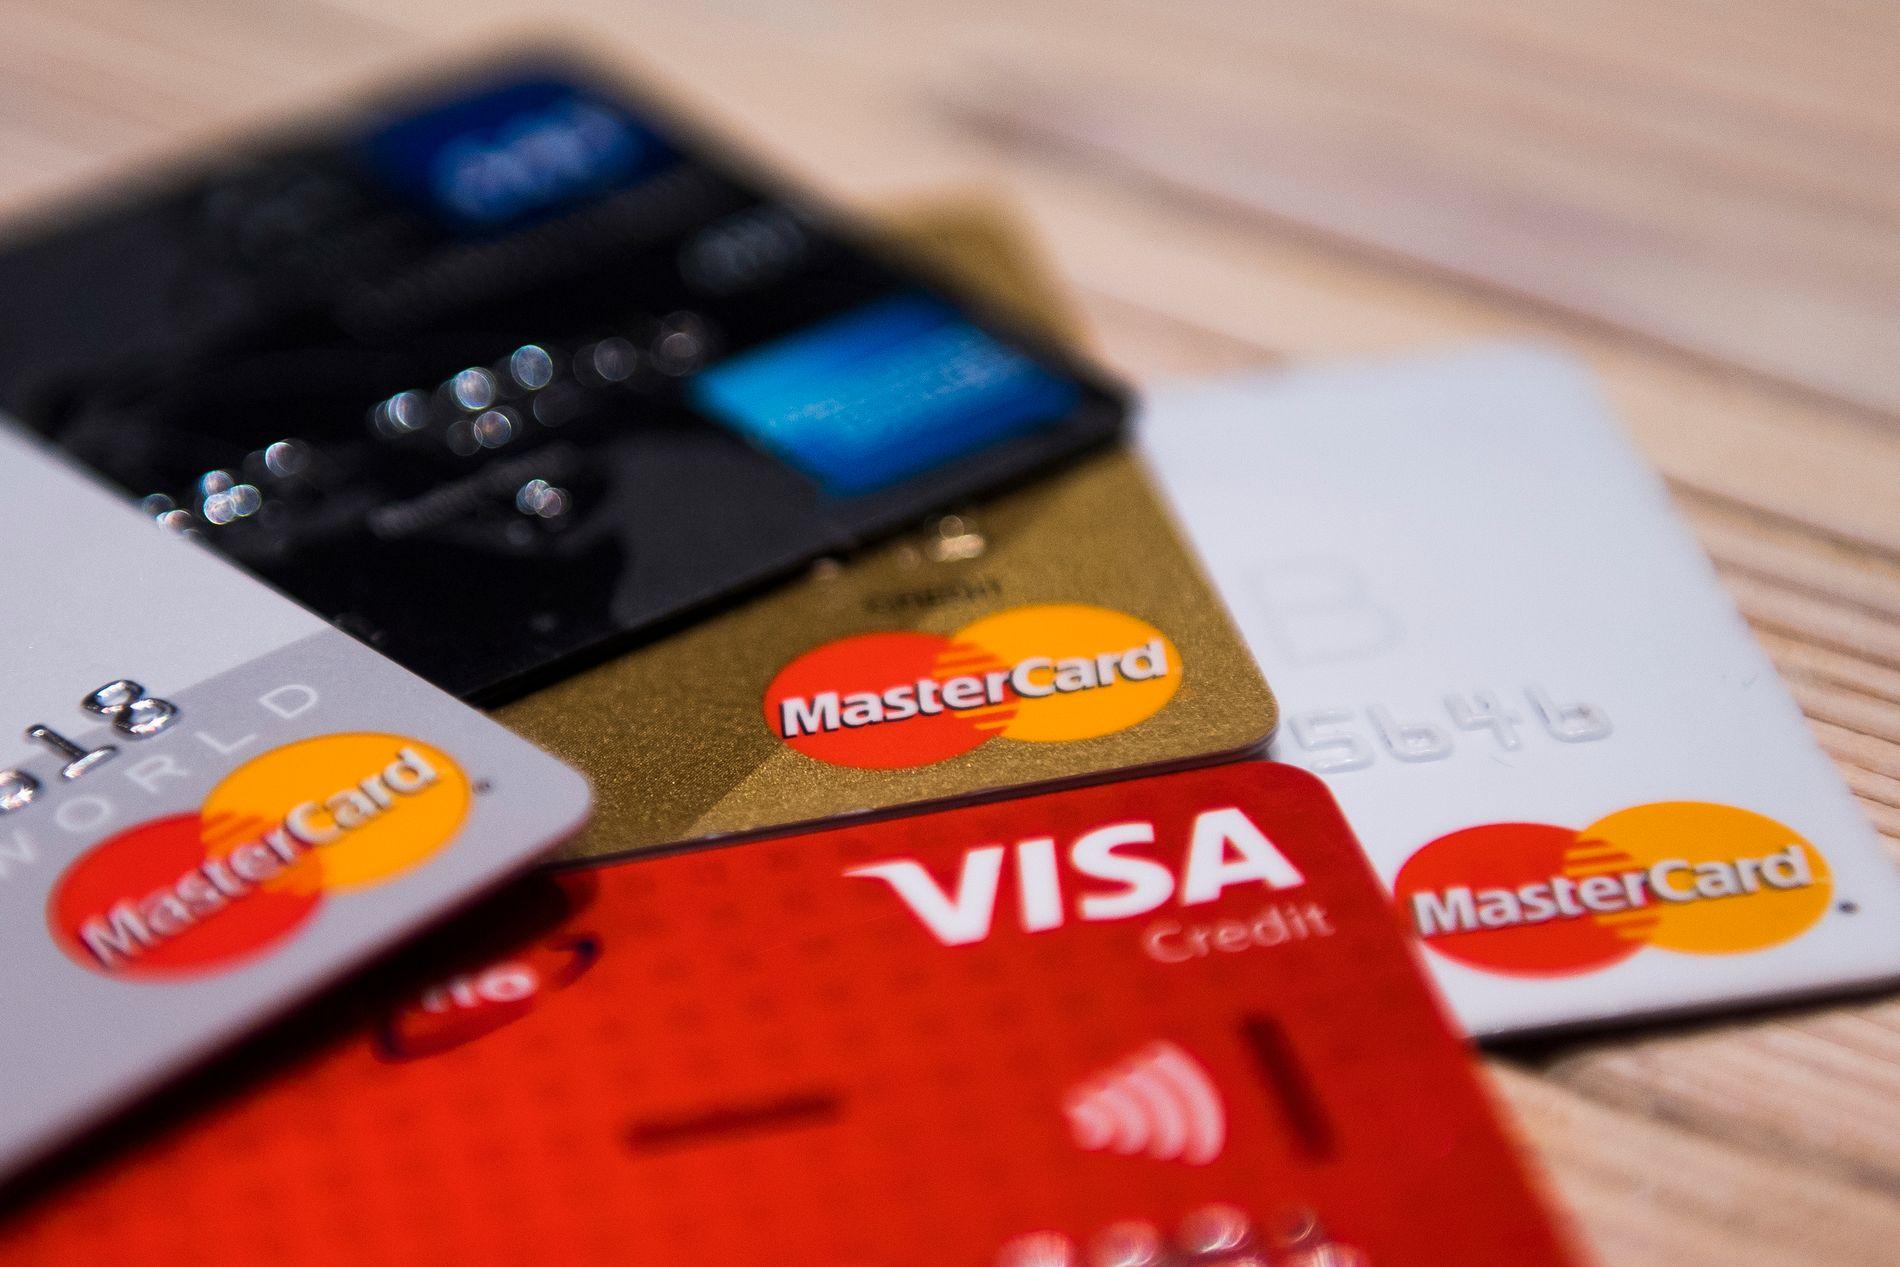 ØNSKER NY LOV: Forbrukslån er skumle saker, skriver innsenderen. Han går inn for å forby reklame for slike lån.